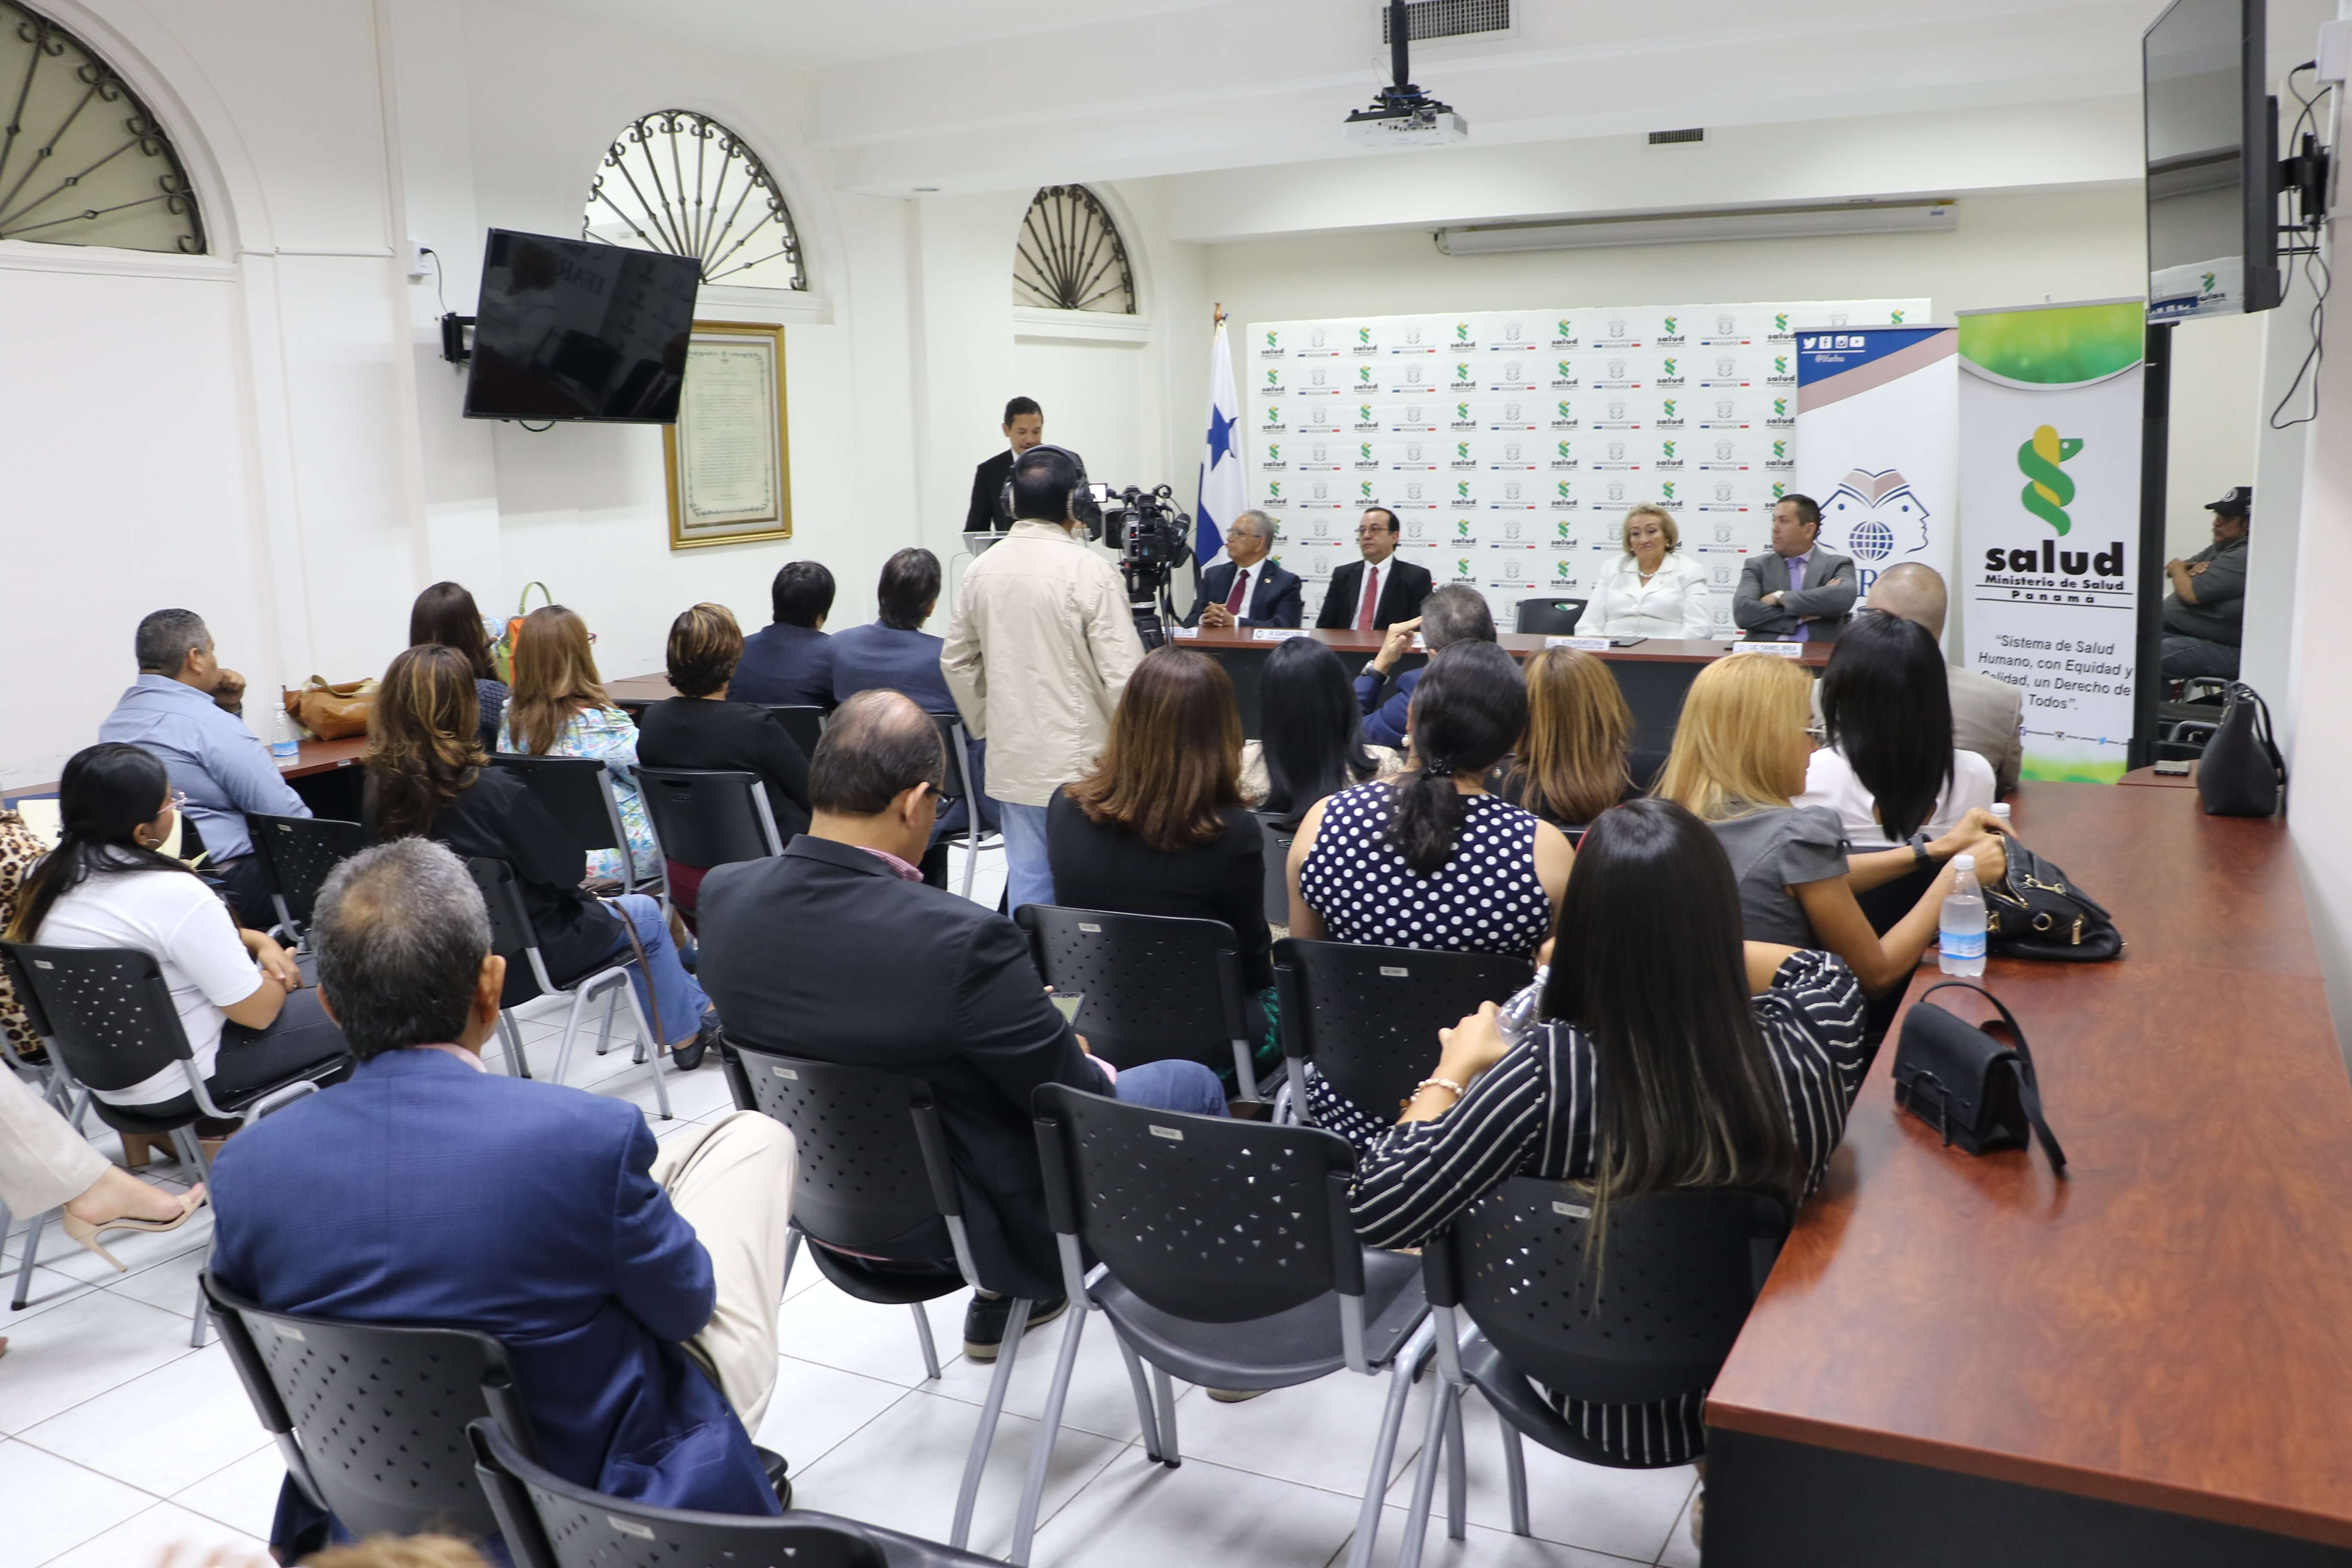 Firman convenio para incentivar el estudio de  Farmacia, Radiología y Tecnología Médica